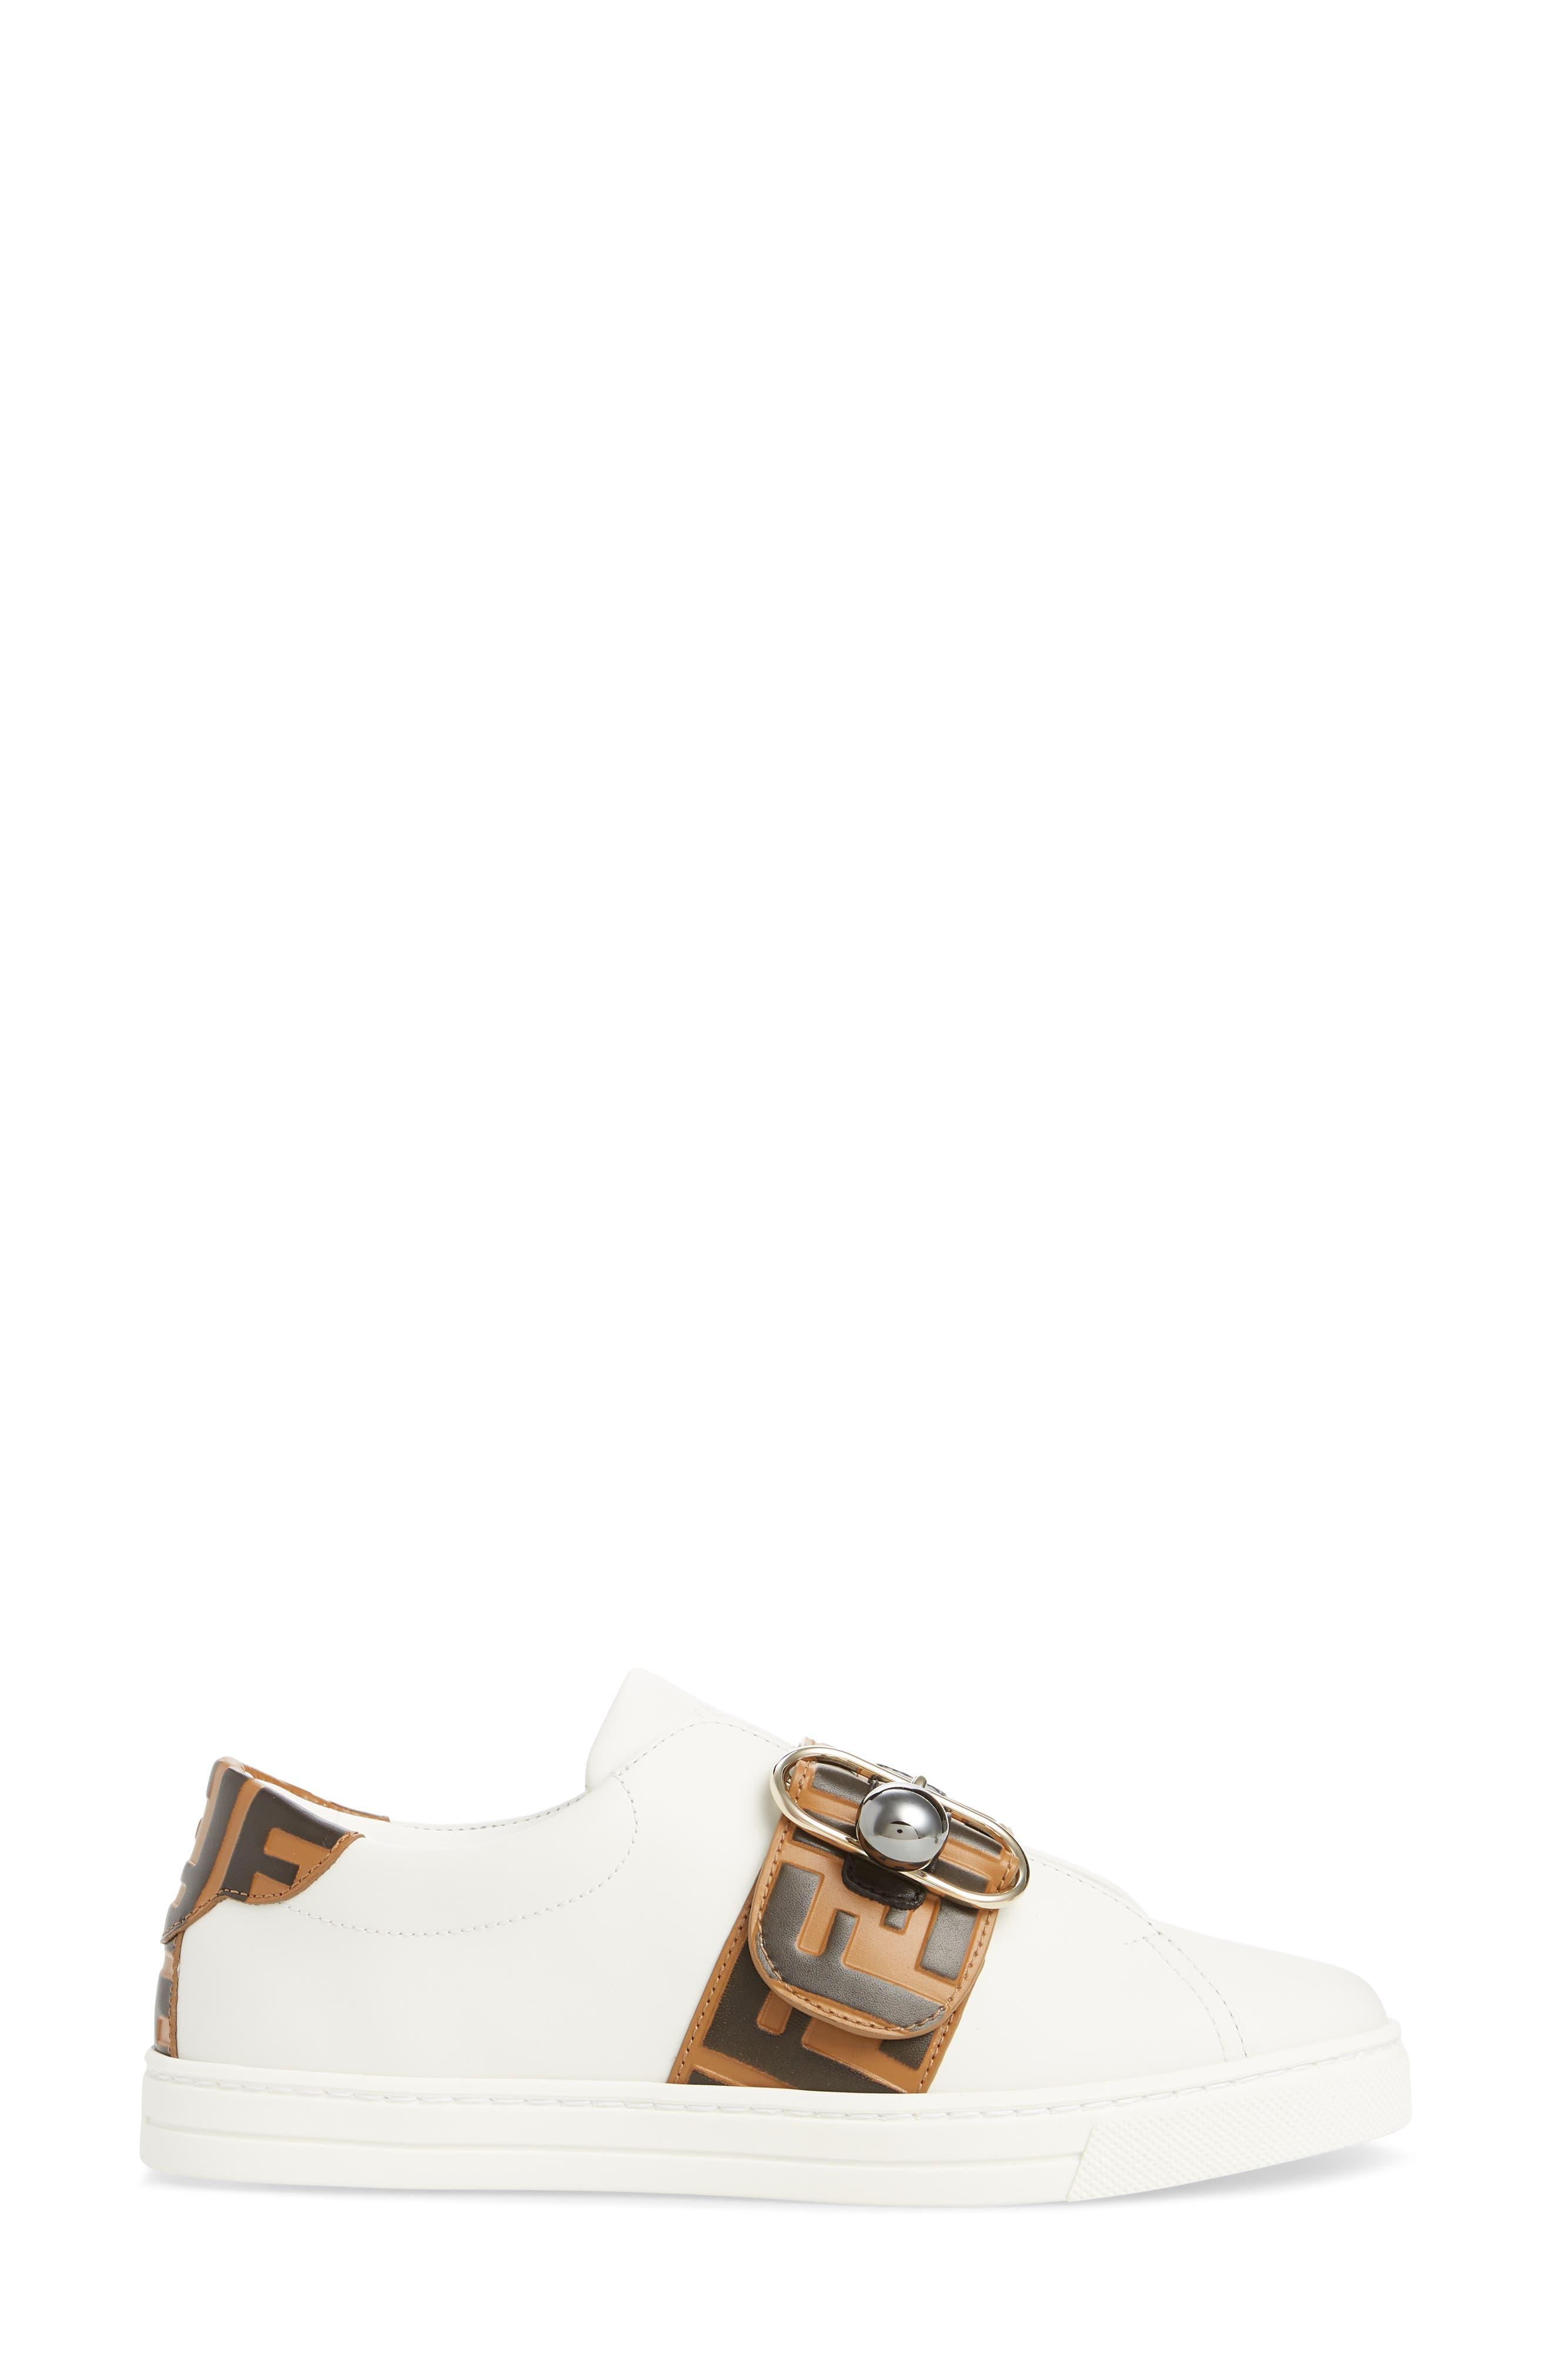 FENDI, Pearland Logo Slip-On Sneaker, Alternate thumbnail 3, color, WHITE/ BROWN